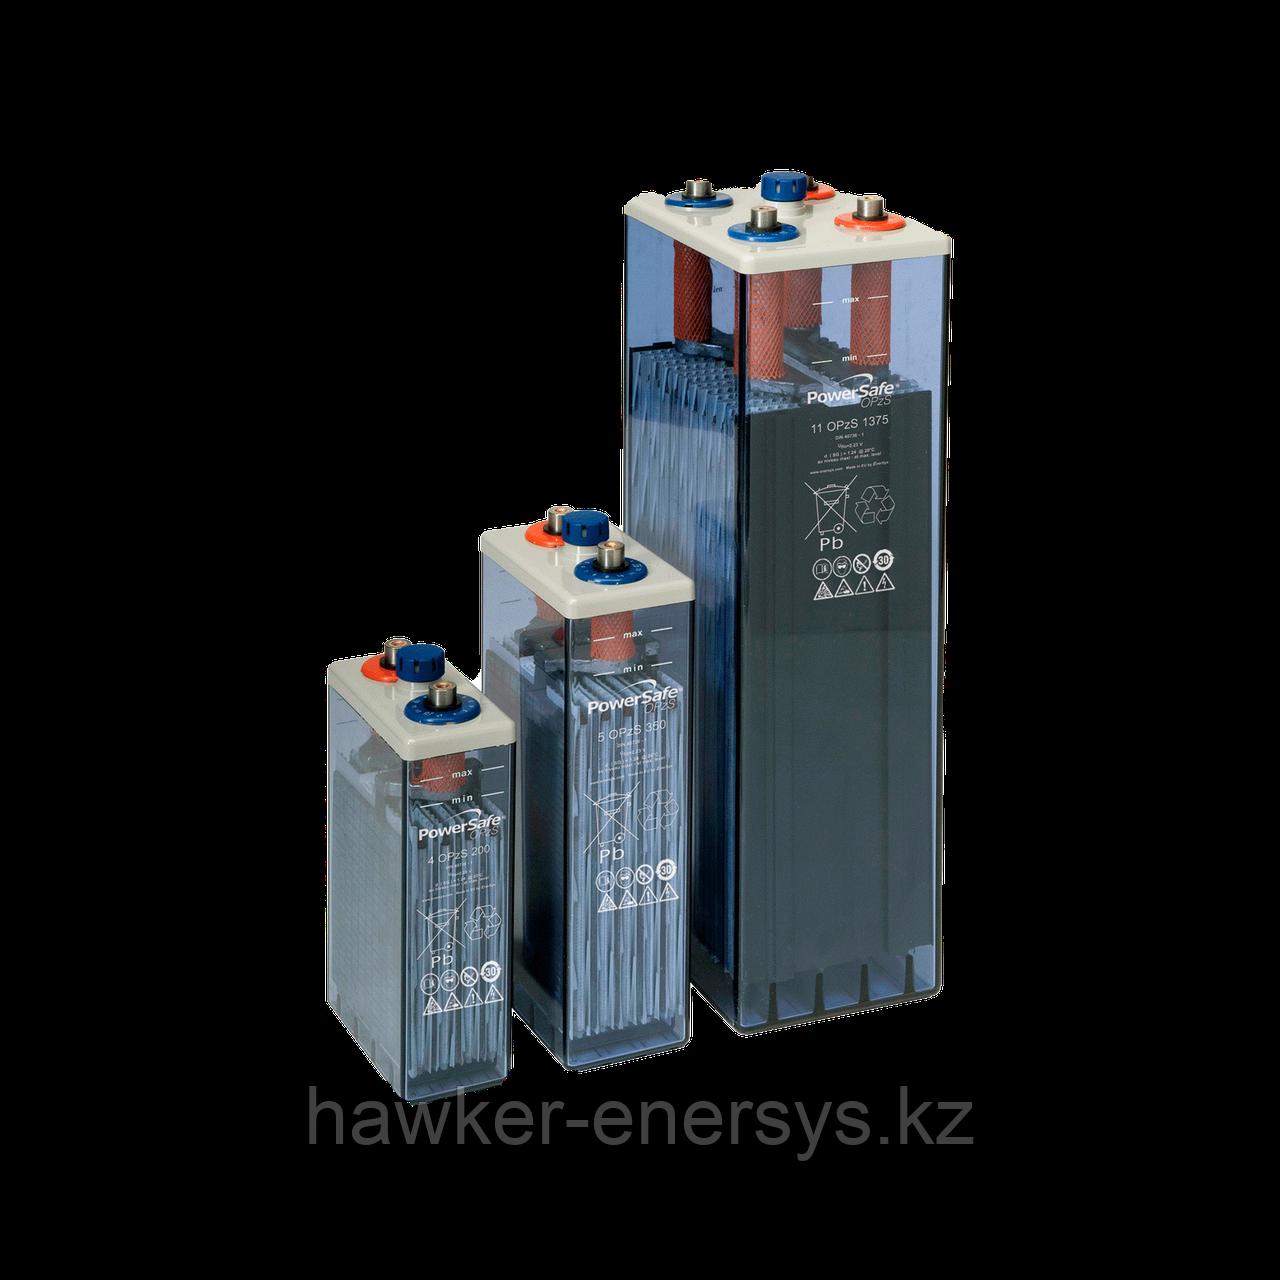 Аккумуляторная батарея PowerSafe 20 OPzS 2500